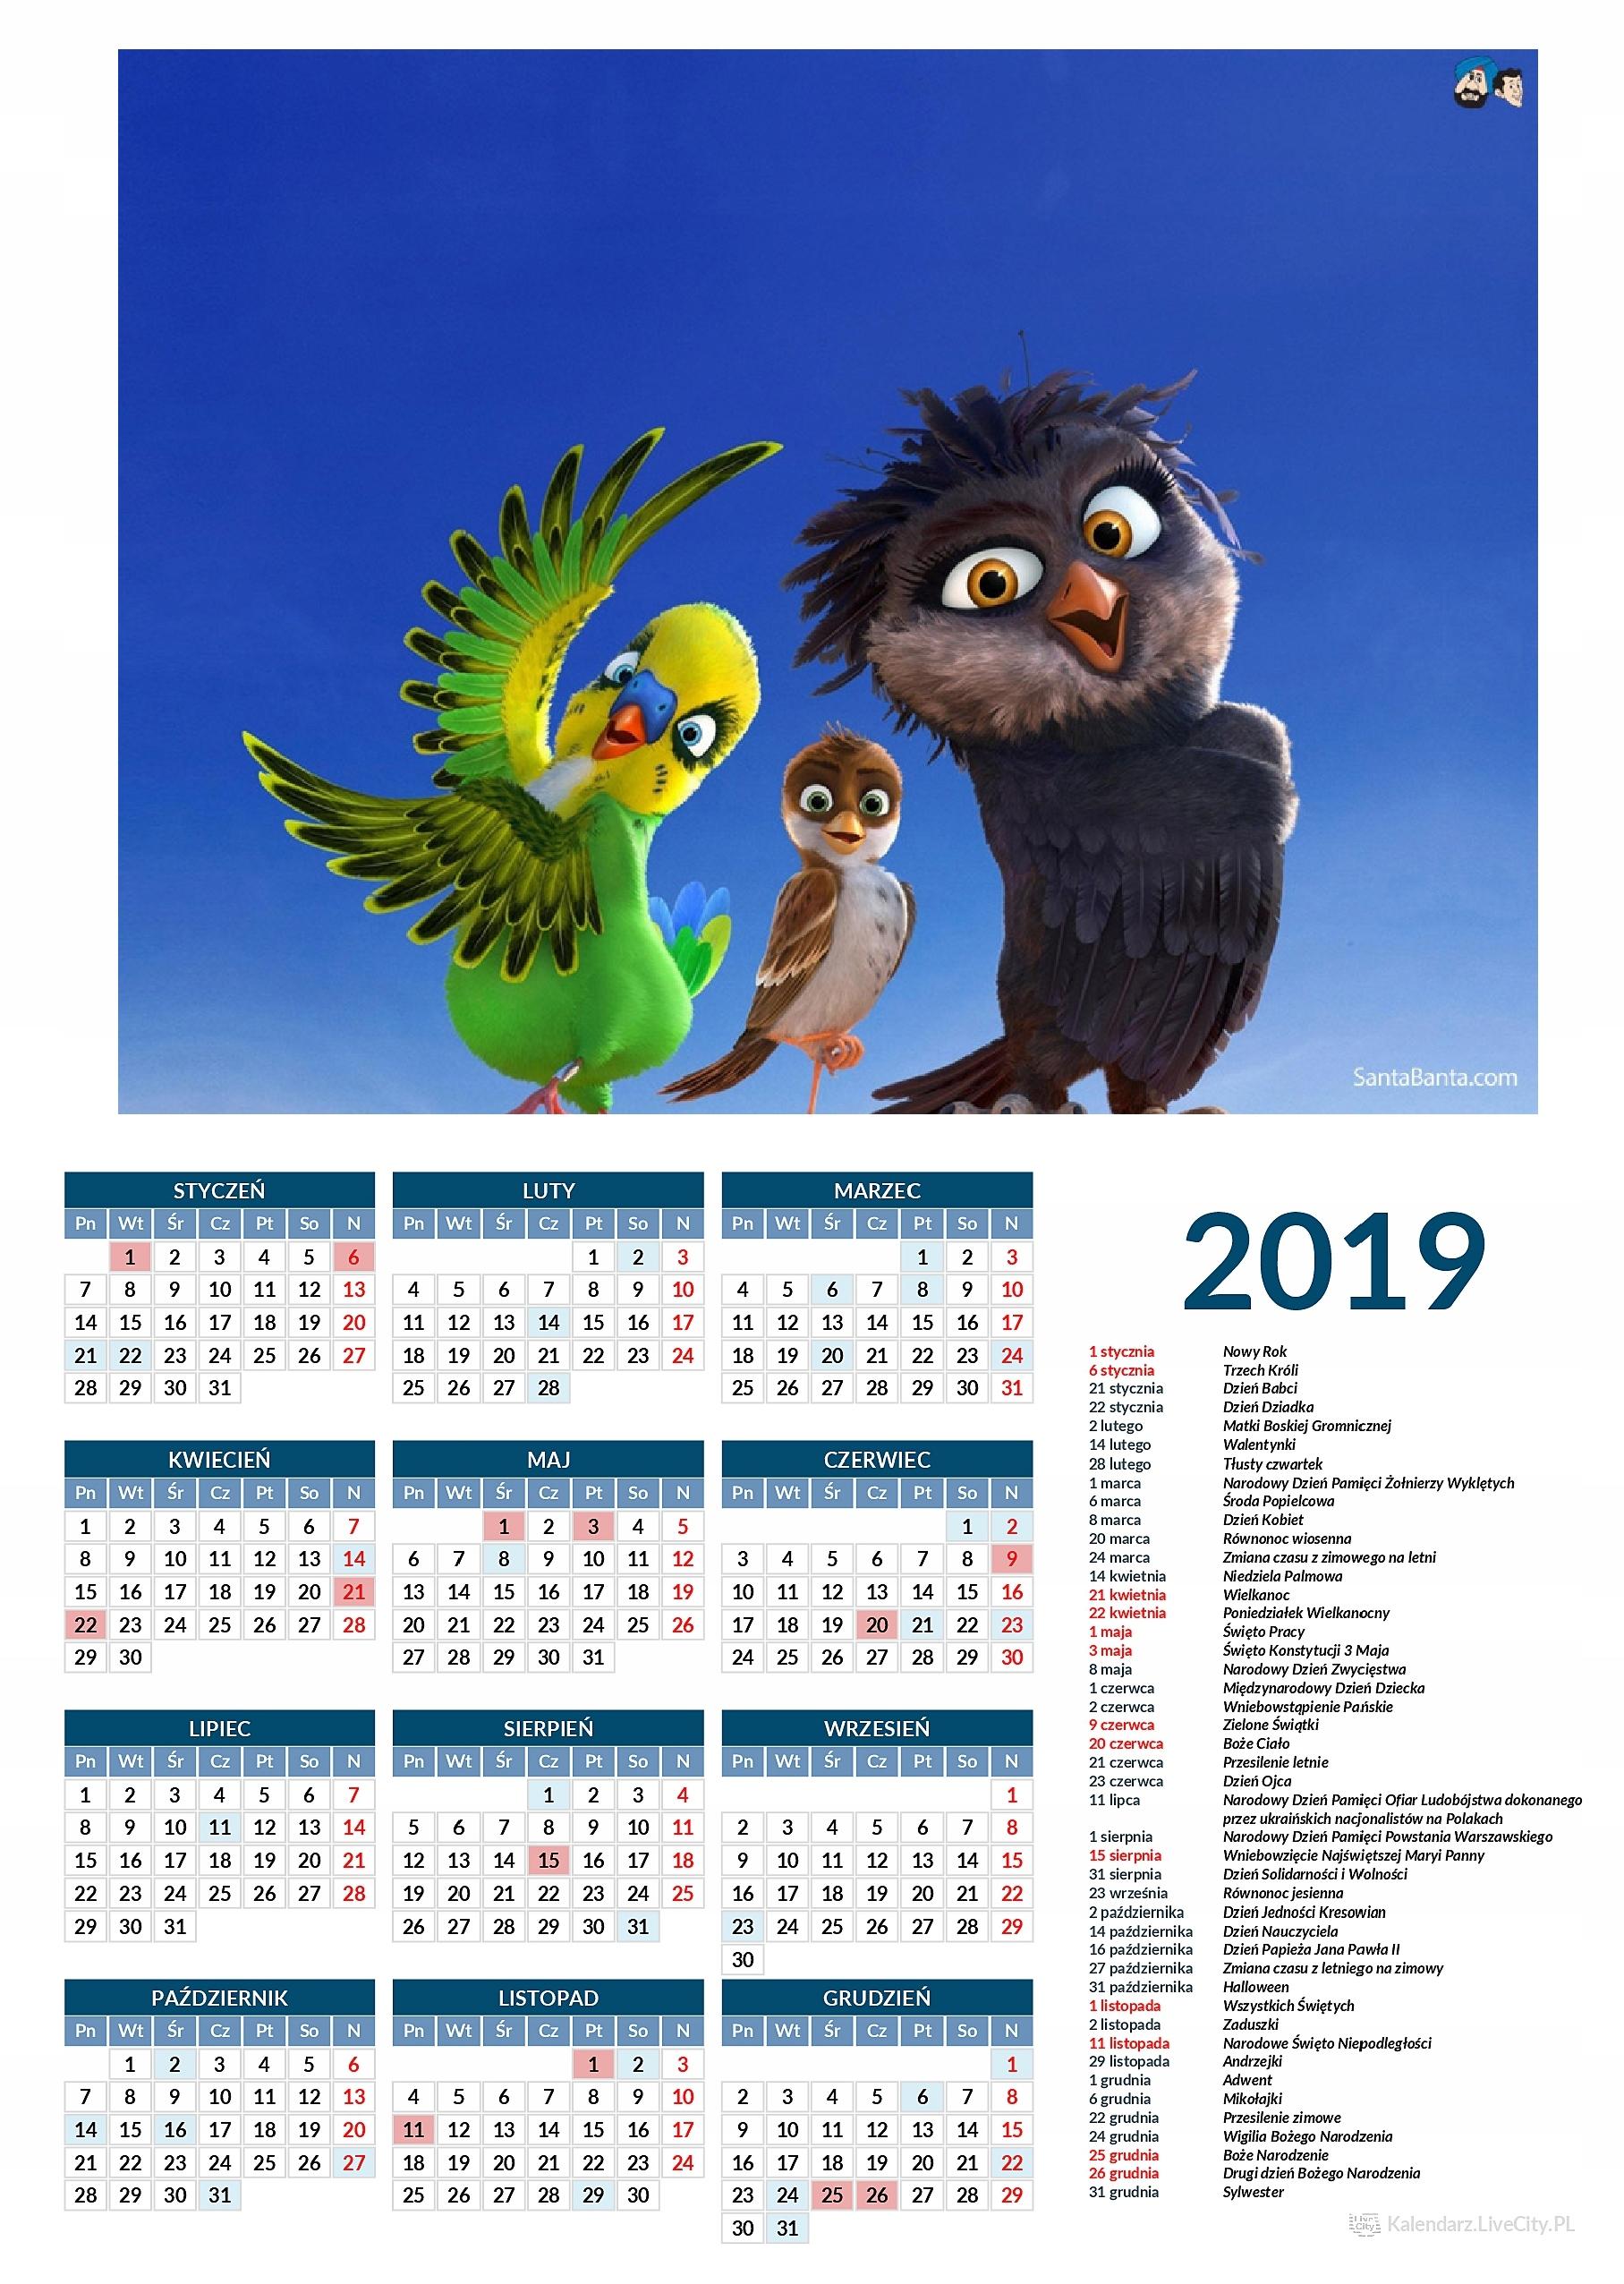 Kalendarz 2019 film Riko prawie bocian